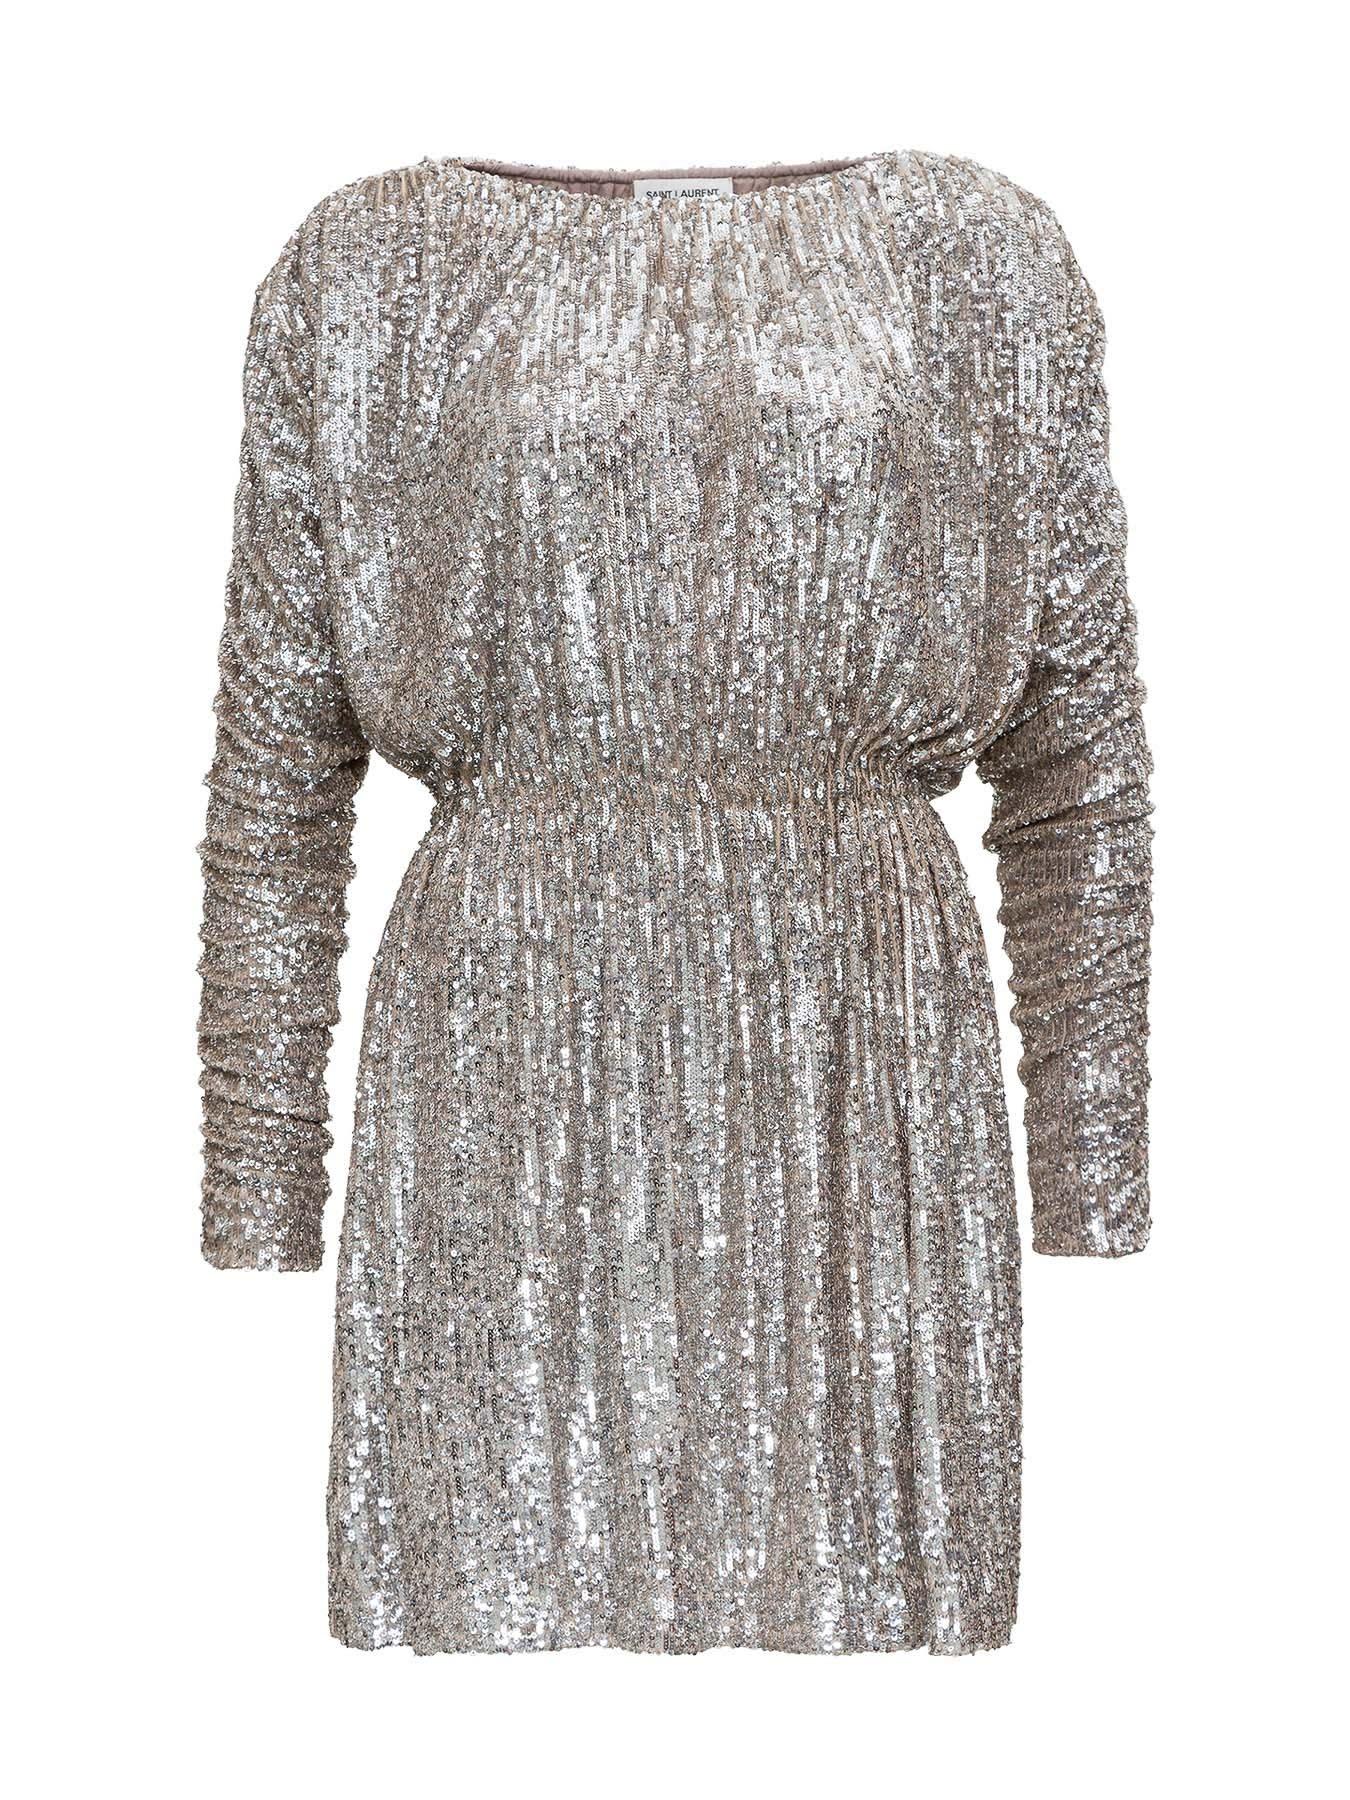 Saint Laurent Sequined Dress